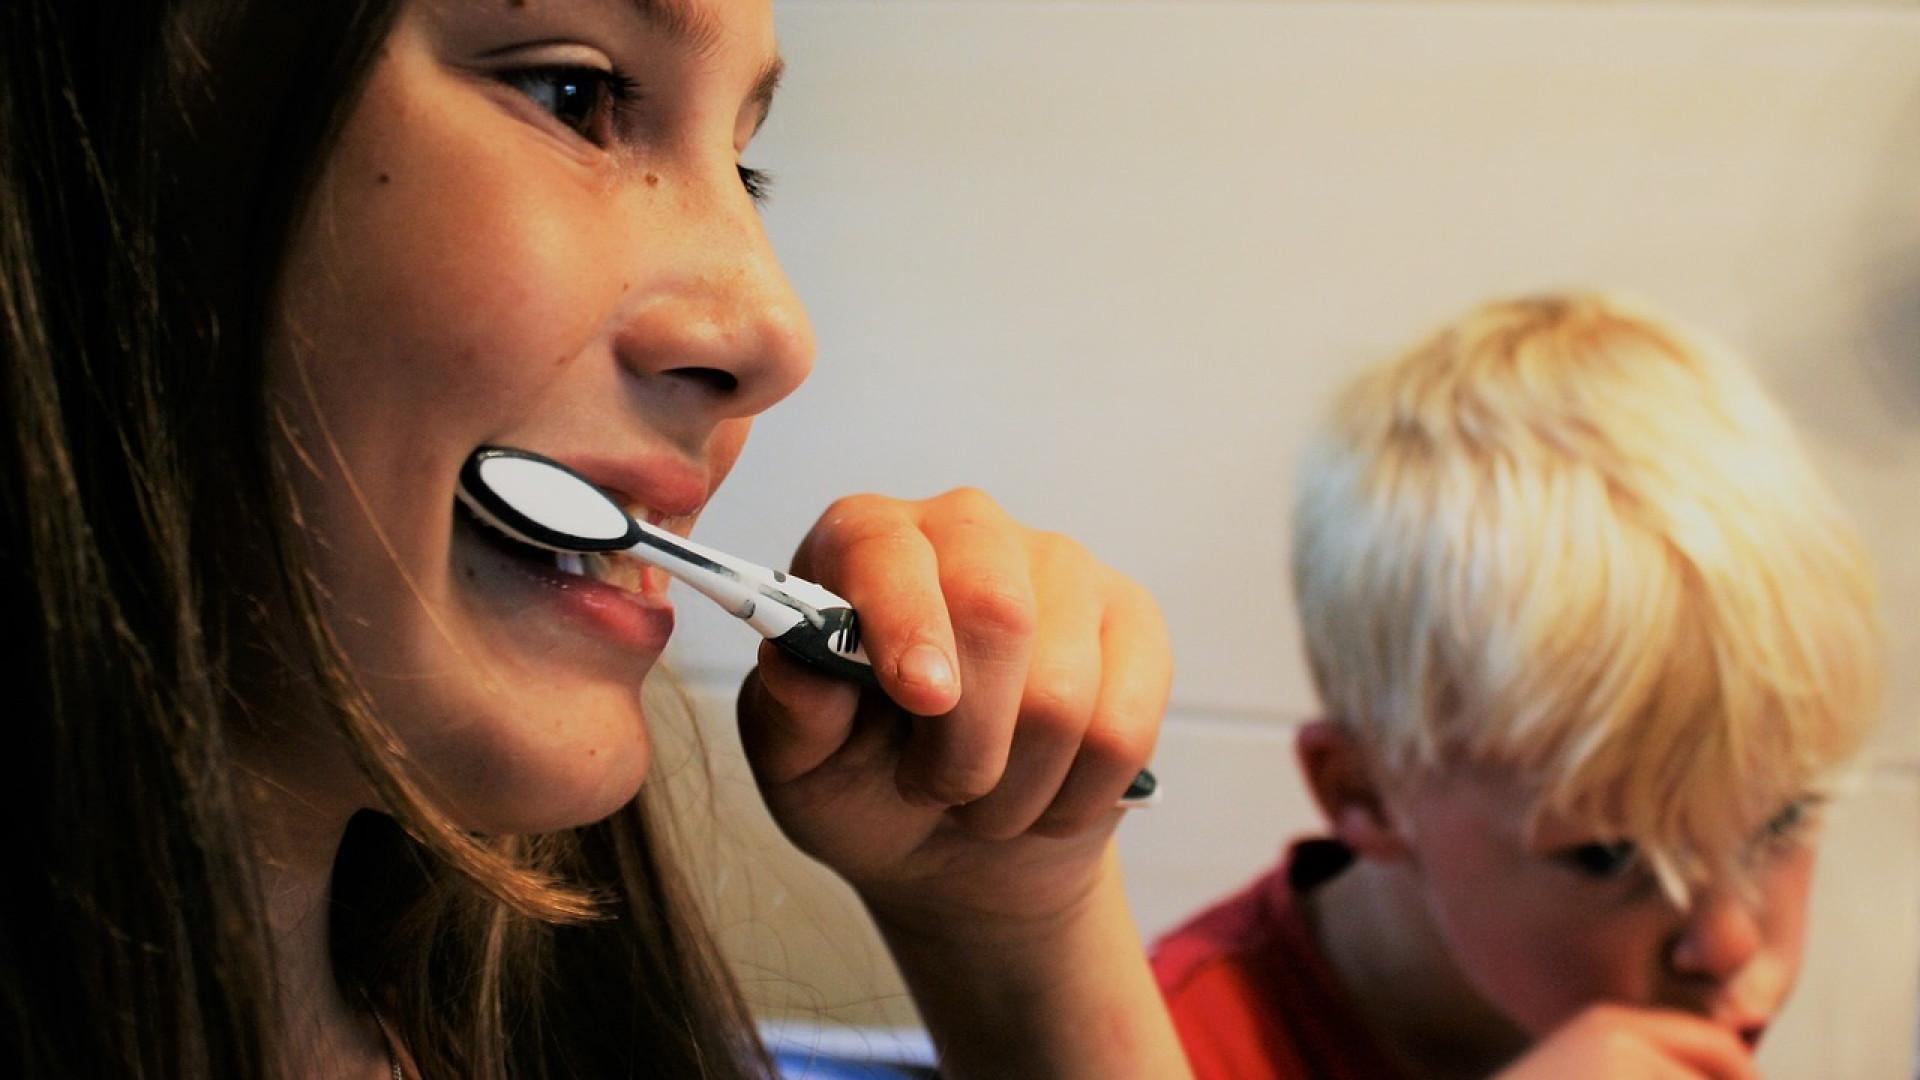 Pourquoi utiliser le gratte-langue pour la mauvaise haleine